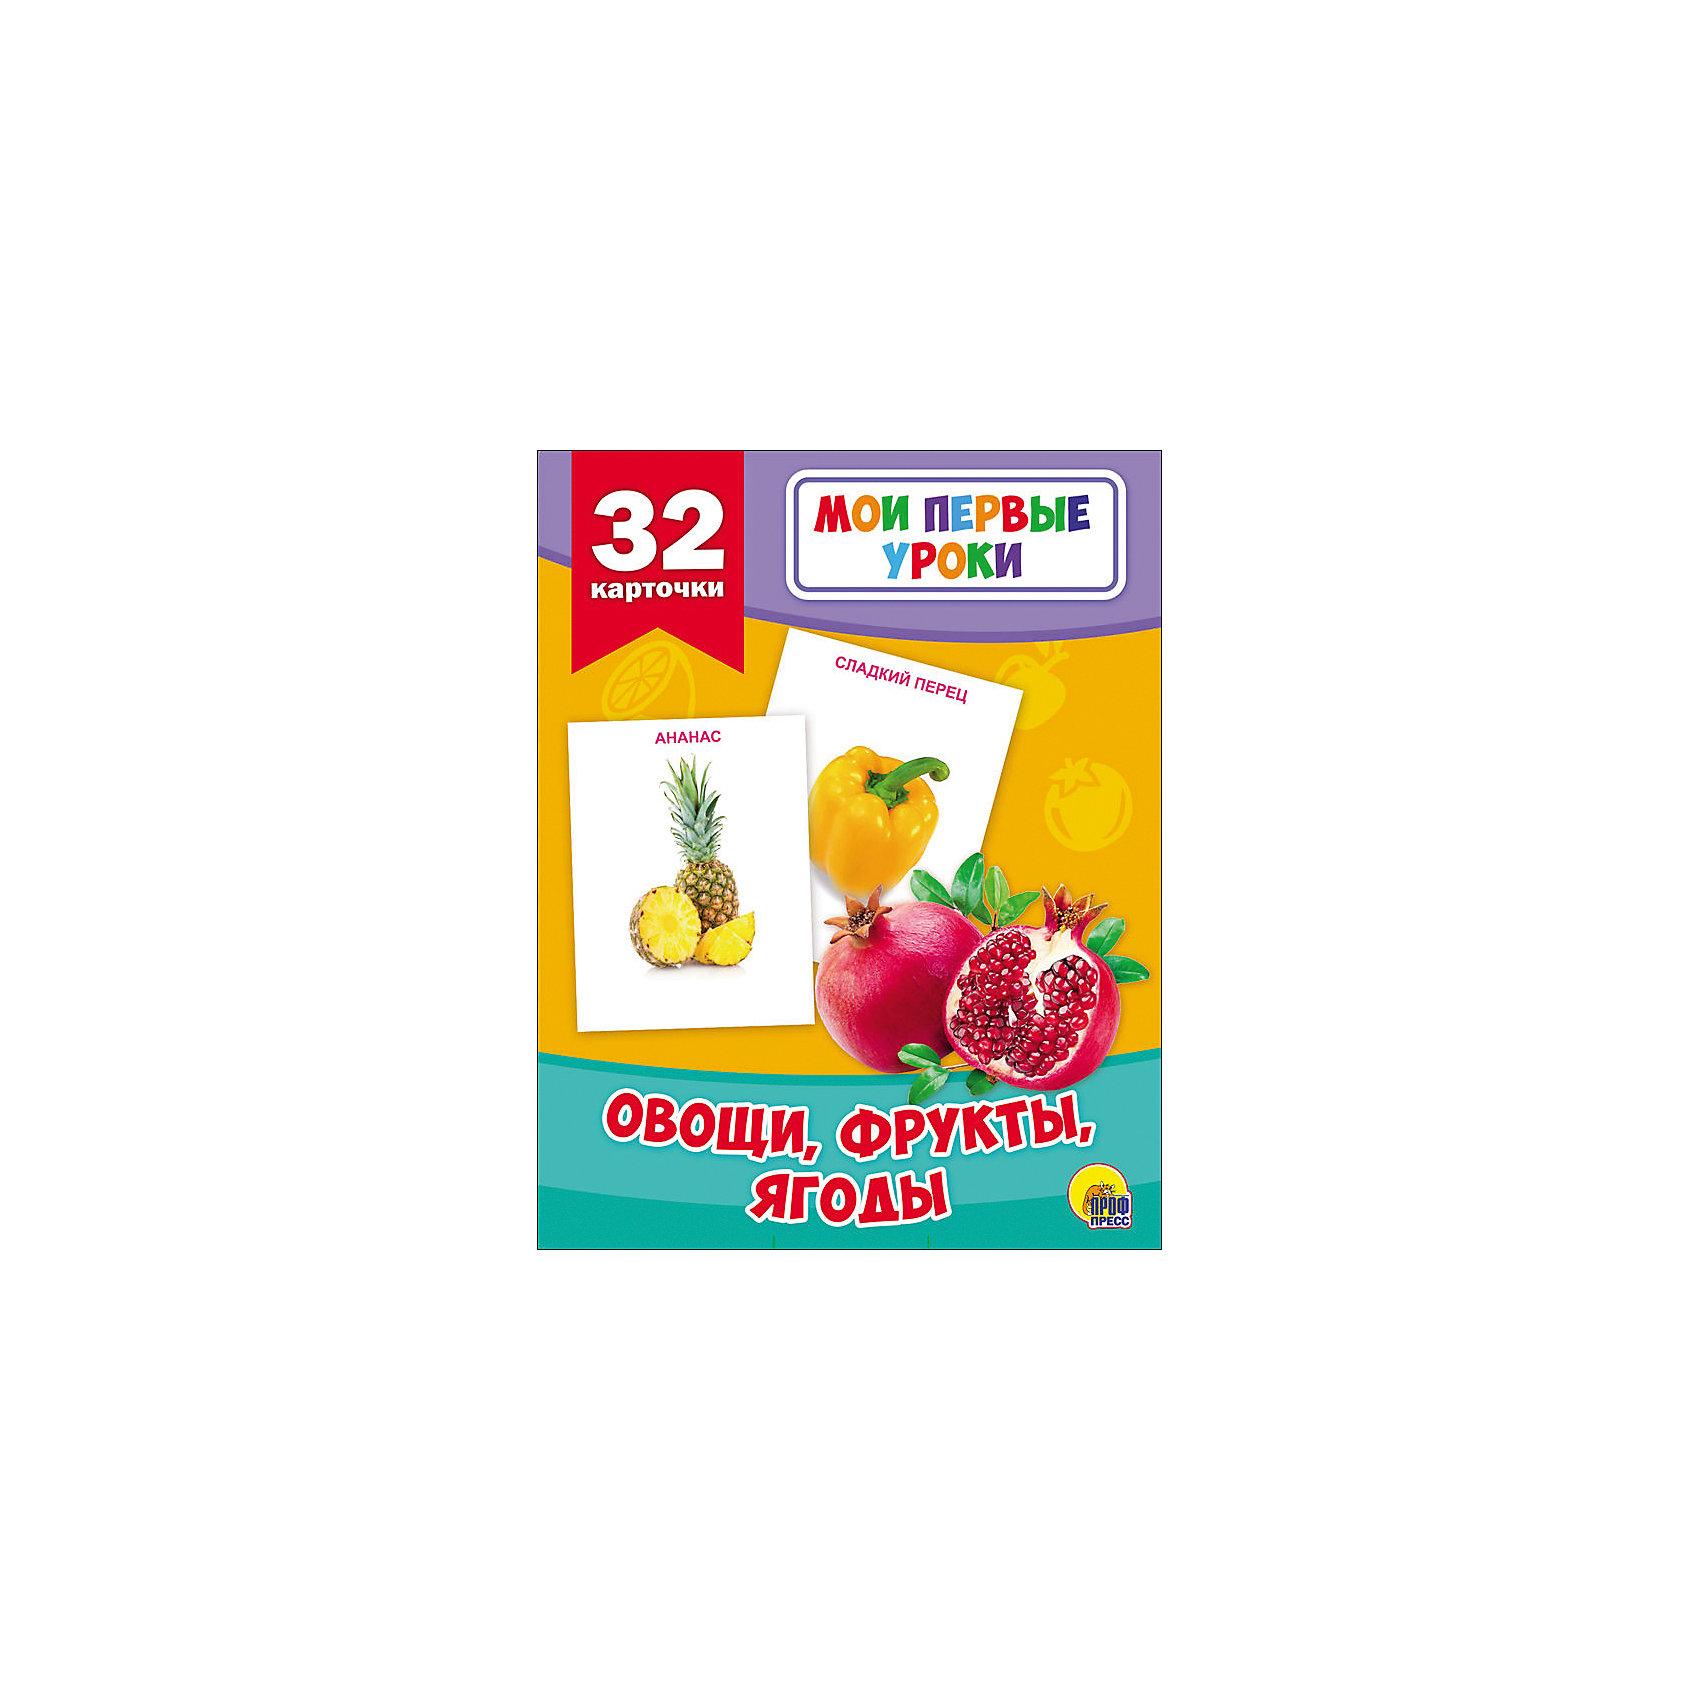 Развивающие карточки  Овощи, фрукты, ягодыРазвивающие карточки Овощи, фрукты, ягоды.<br><br>Характеристики:<br><br>• Редактор: Грищенко Виктория<br>• Издательство: Проф-Пресс, 2016 г.<br>• Серия: Мои первые уроки<br>• Иллюстрации: цветные<br>• Количество карточек: 32 (картон)<br>• Упаковка: картонный блистер с европодвесом<br>• Размер упаковки: 184х114х18 мм.<br>• Вес: 138 гр.<br>• ISBN: 9785378268757<br><br>Развивающие карточки серии Мои первые уроки познакомят ребёнка с интересными фактами об овощах, фруктах и ягодах. Яркие фотографии помогут улучшить восприятие информации. Самое главное, что эти уроки будут проходить в отвлечённой игровой форме. Для детей дошкольного возраста.<br><br>Развивающие карточки Овощи, фрукты, ягоды можно купить в нашем интернет-магазине.<br><br>Ширина мм: 185<br>Глубина мм: 117<br>Высота мм: 114<br>Вес г: 0<br>Возраст от месяцев: 36<br>Возраст до месяцев: 2147483647<br>Пол: Унисекс<br>Возраст: Детский<br>SKU: 5452300